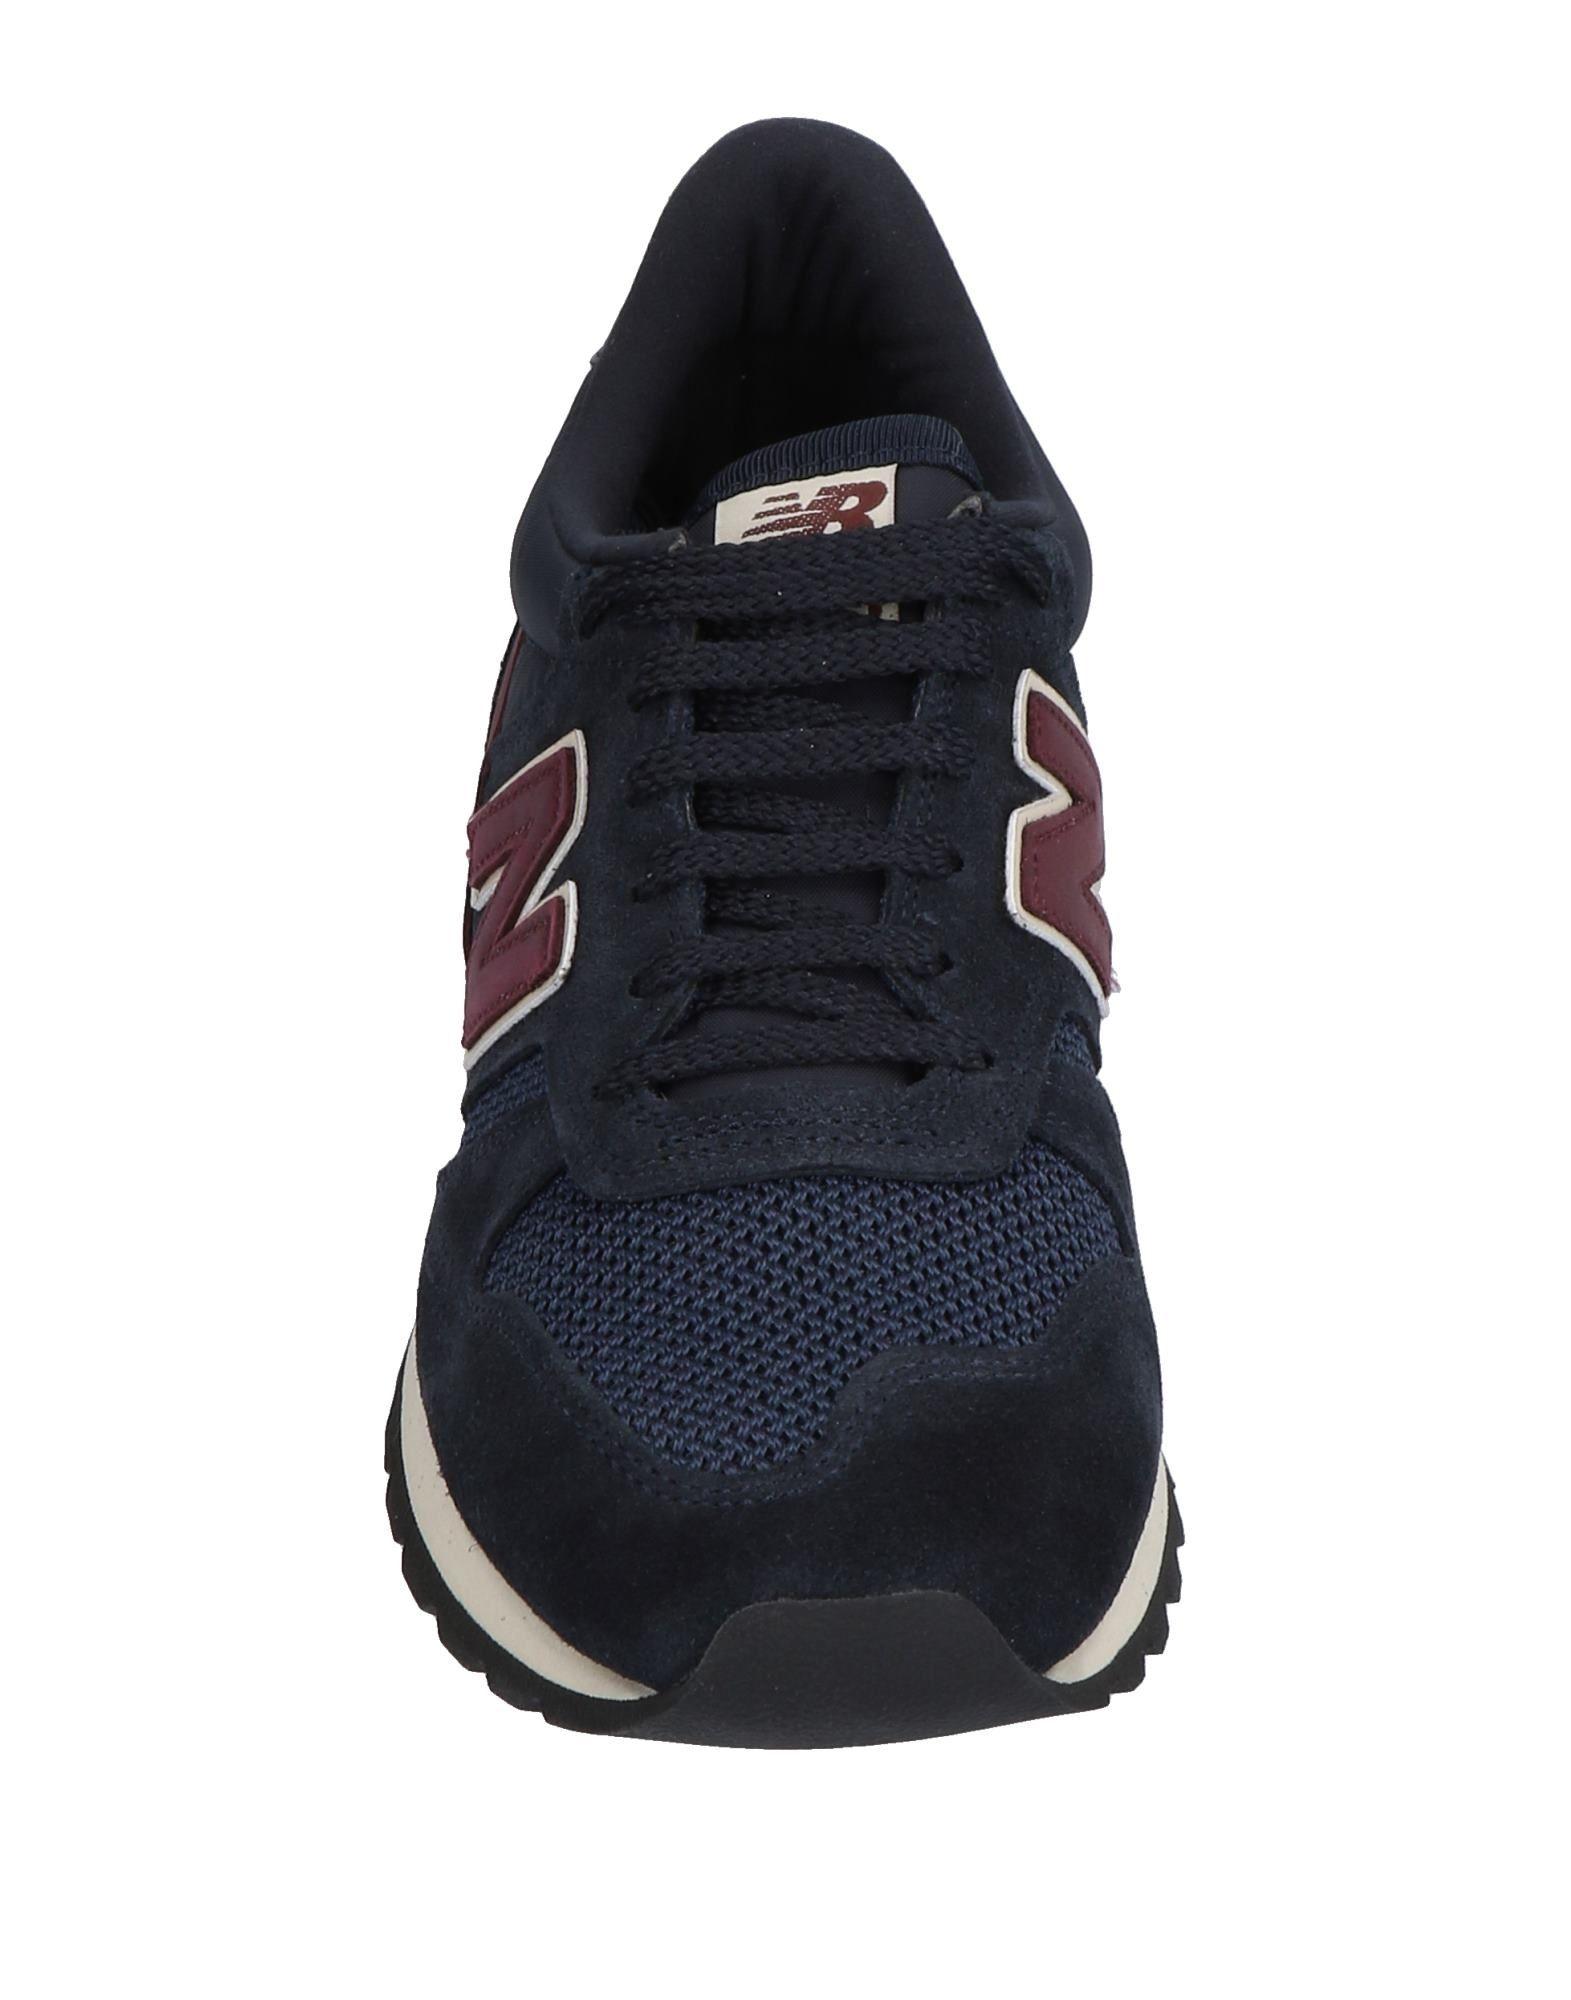 Rabatt Balance echte Schuhe New Balance Rabatt Sneakers Herren  11492821JE 1fe751